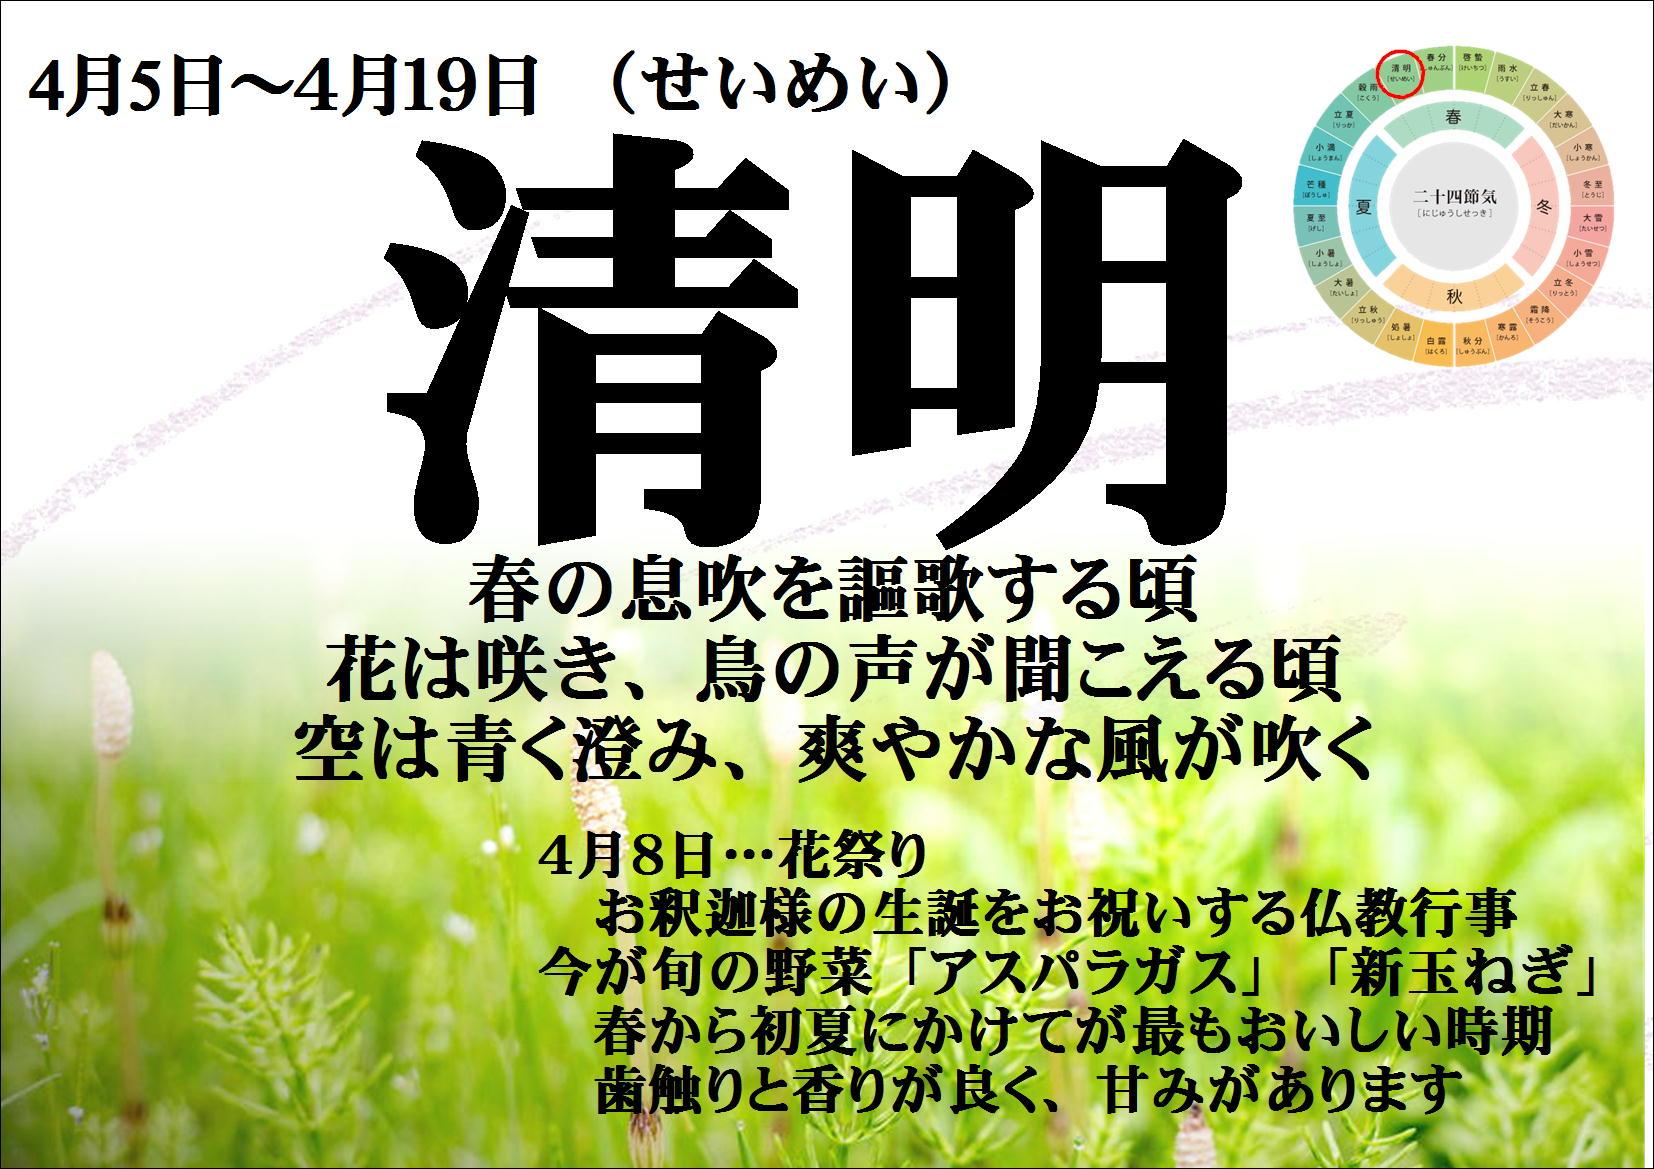 4/5(木)~4/19(木)は「清明(せいめい)」